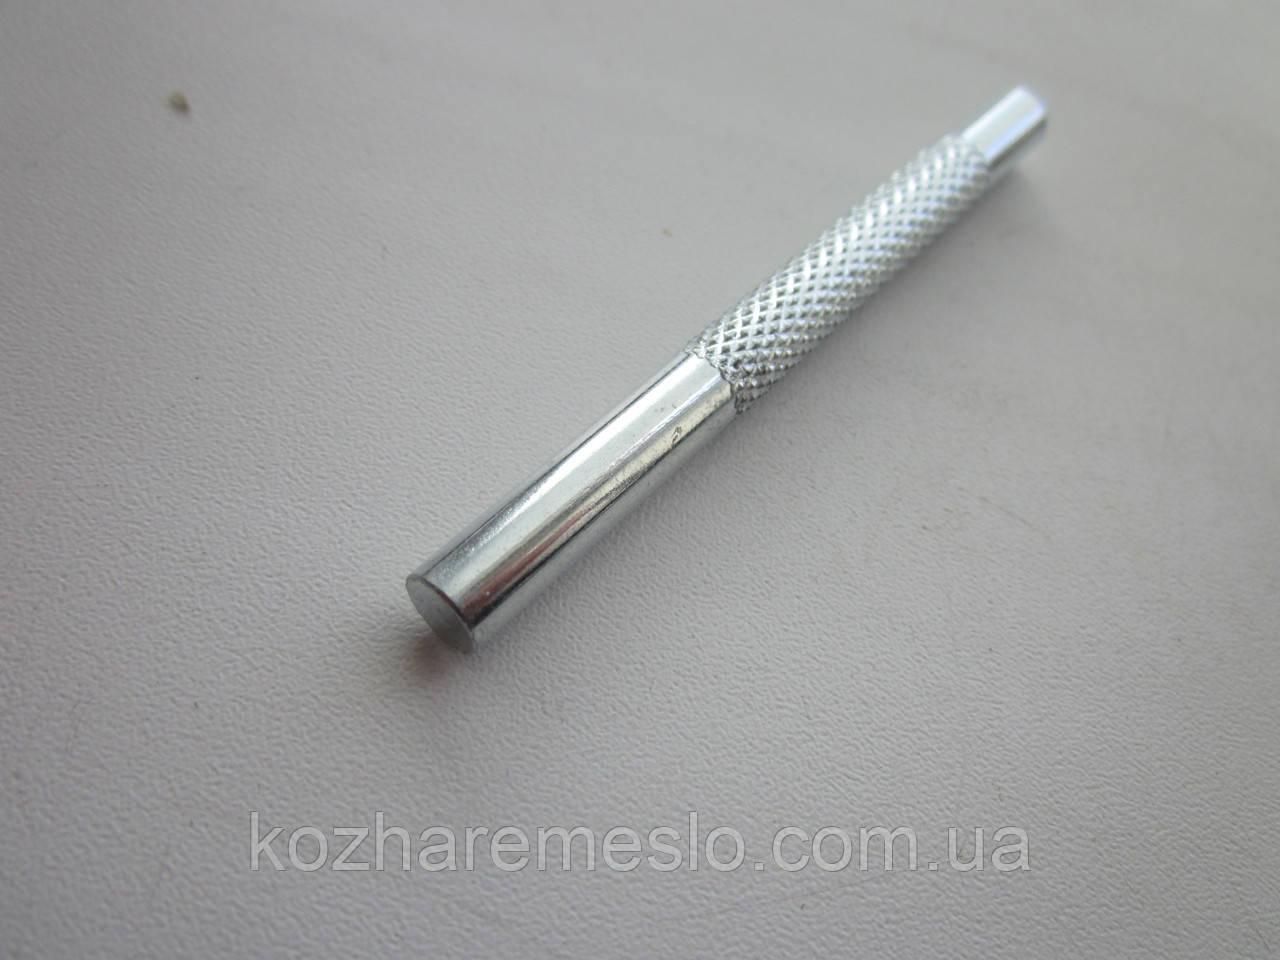 Инструмент для установки хольнитена 11.7 мм